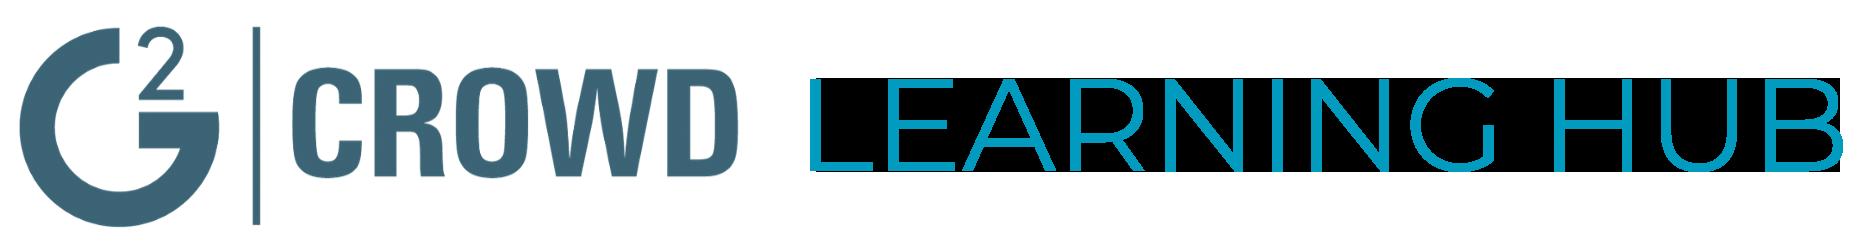 g2crowd-lh-logo